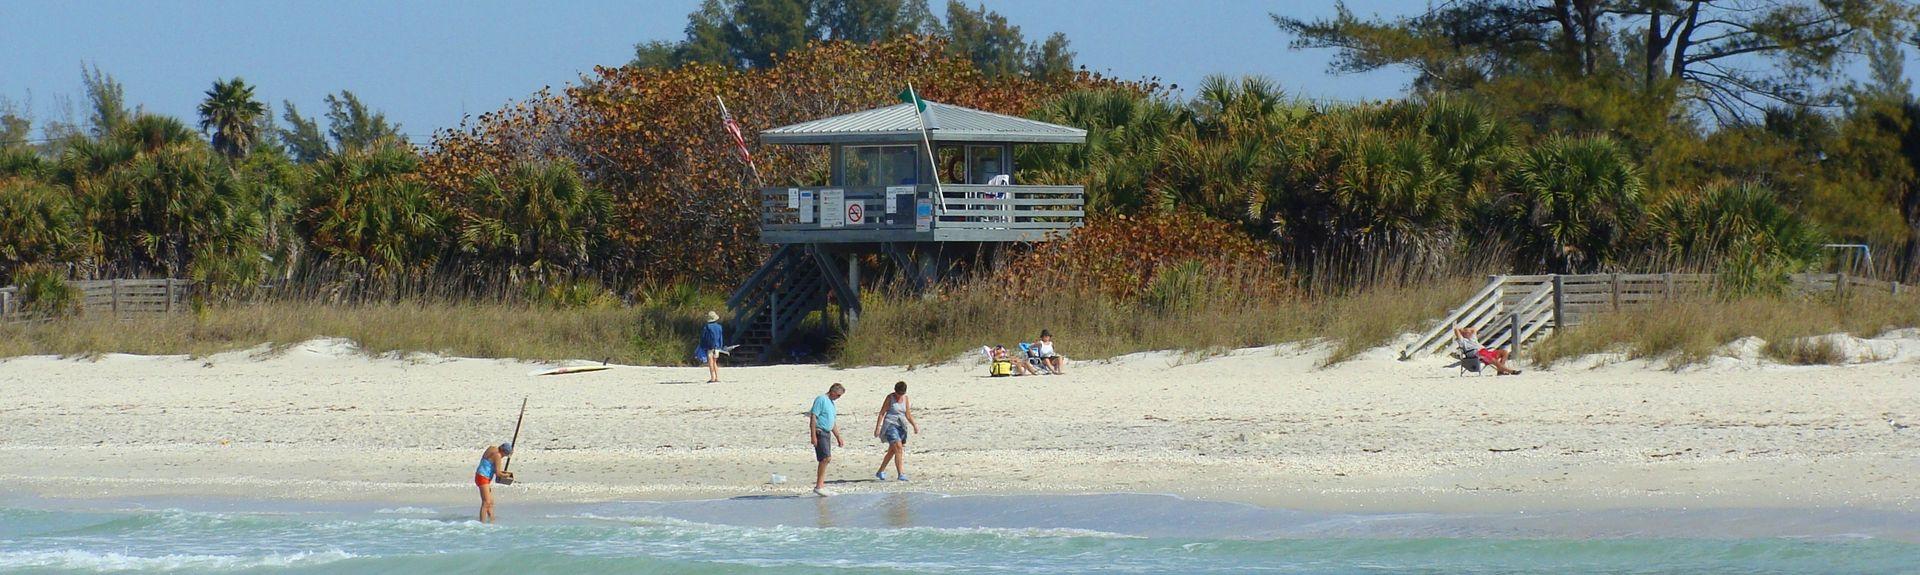 Παραλία Nokomis, Nokomis, Φλόριντα, Ηνωμένες Πολιτείες